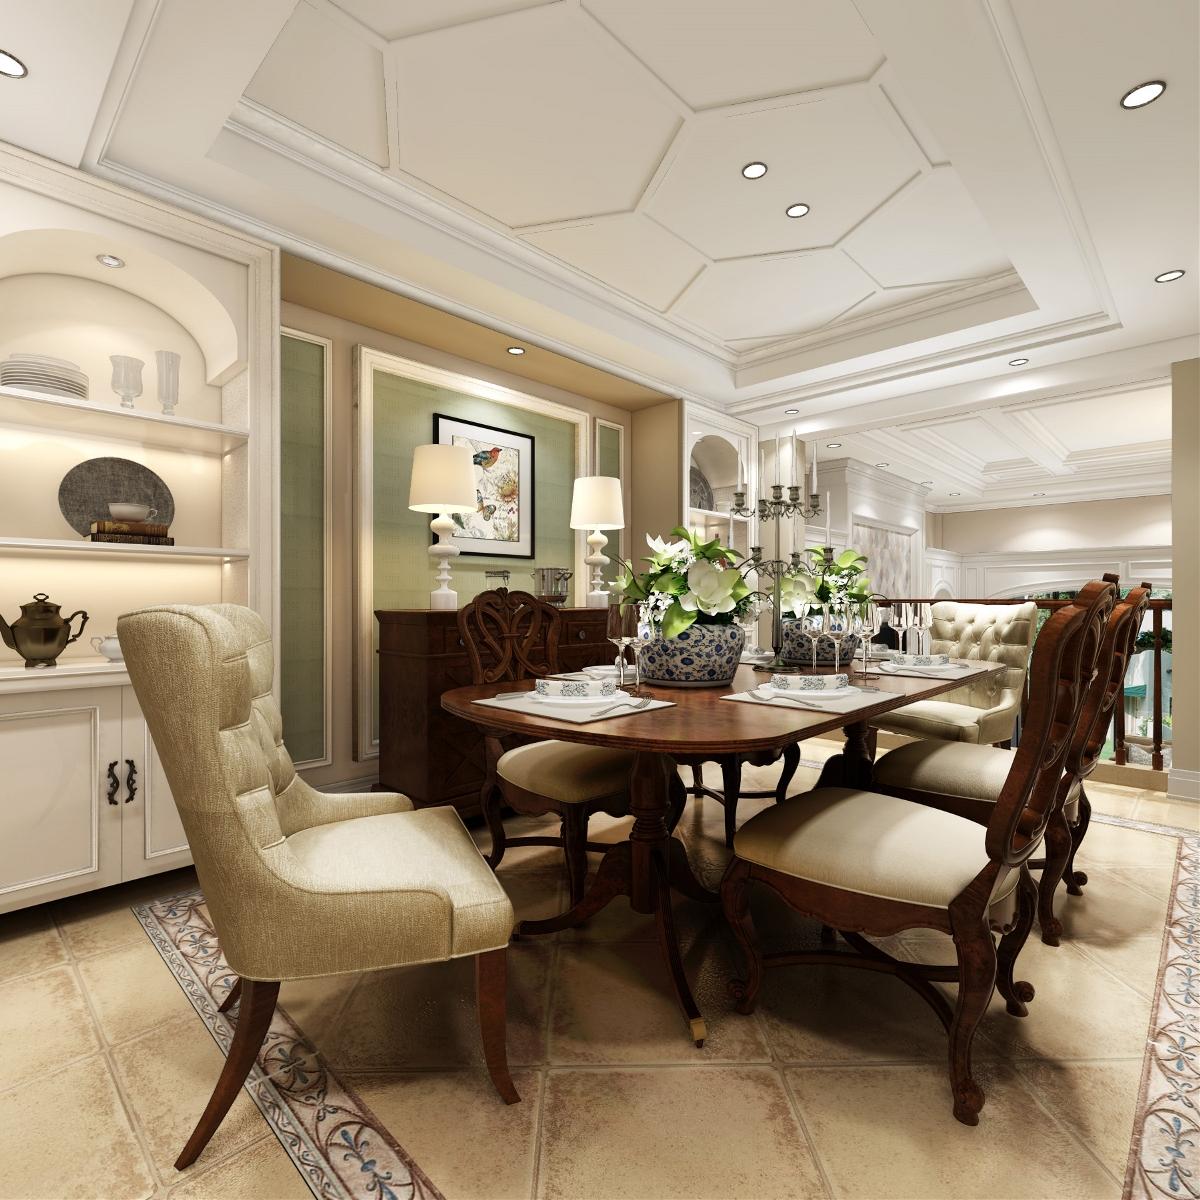 昆山紫怡花园别墅项目装修欧美风格设计